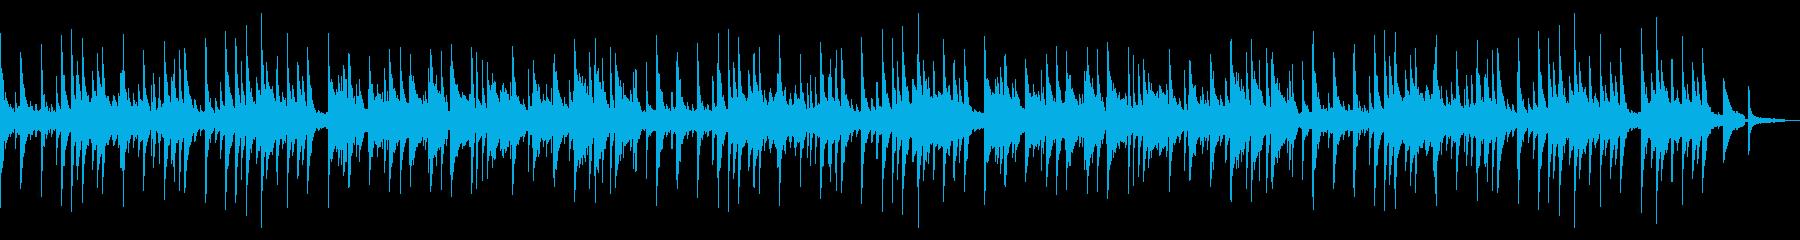 導入/プロローグ ピアノとストリングスの再生済みの波形